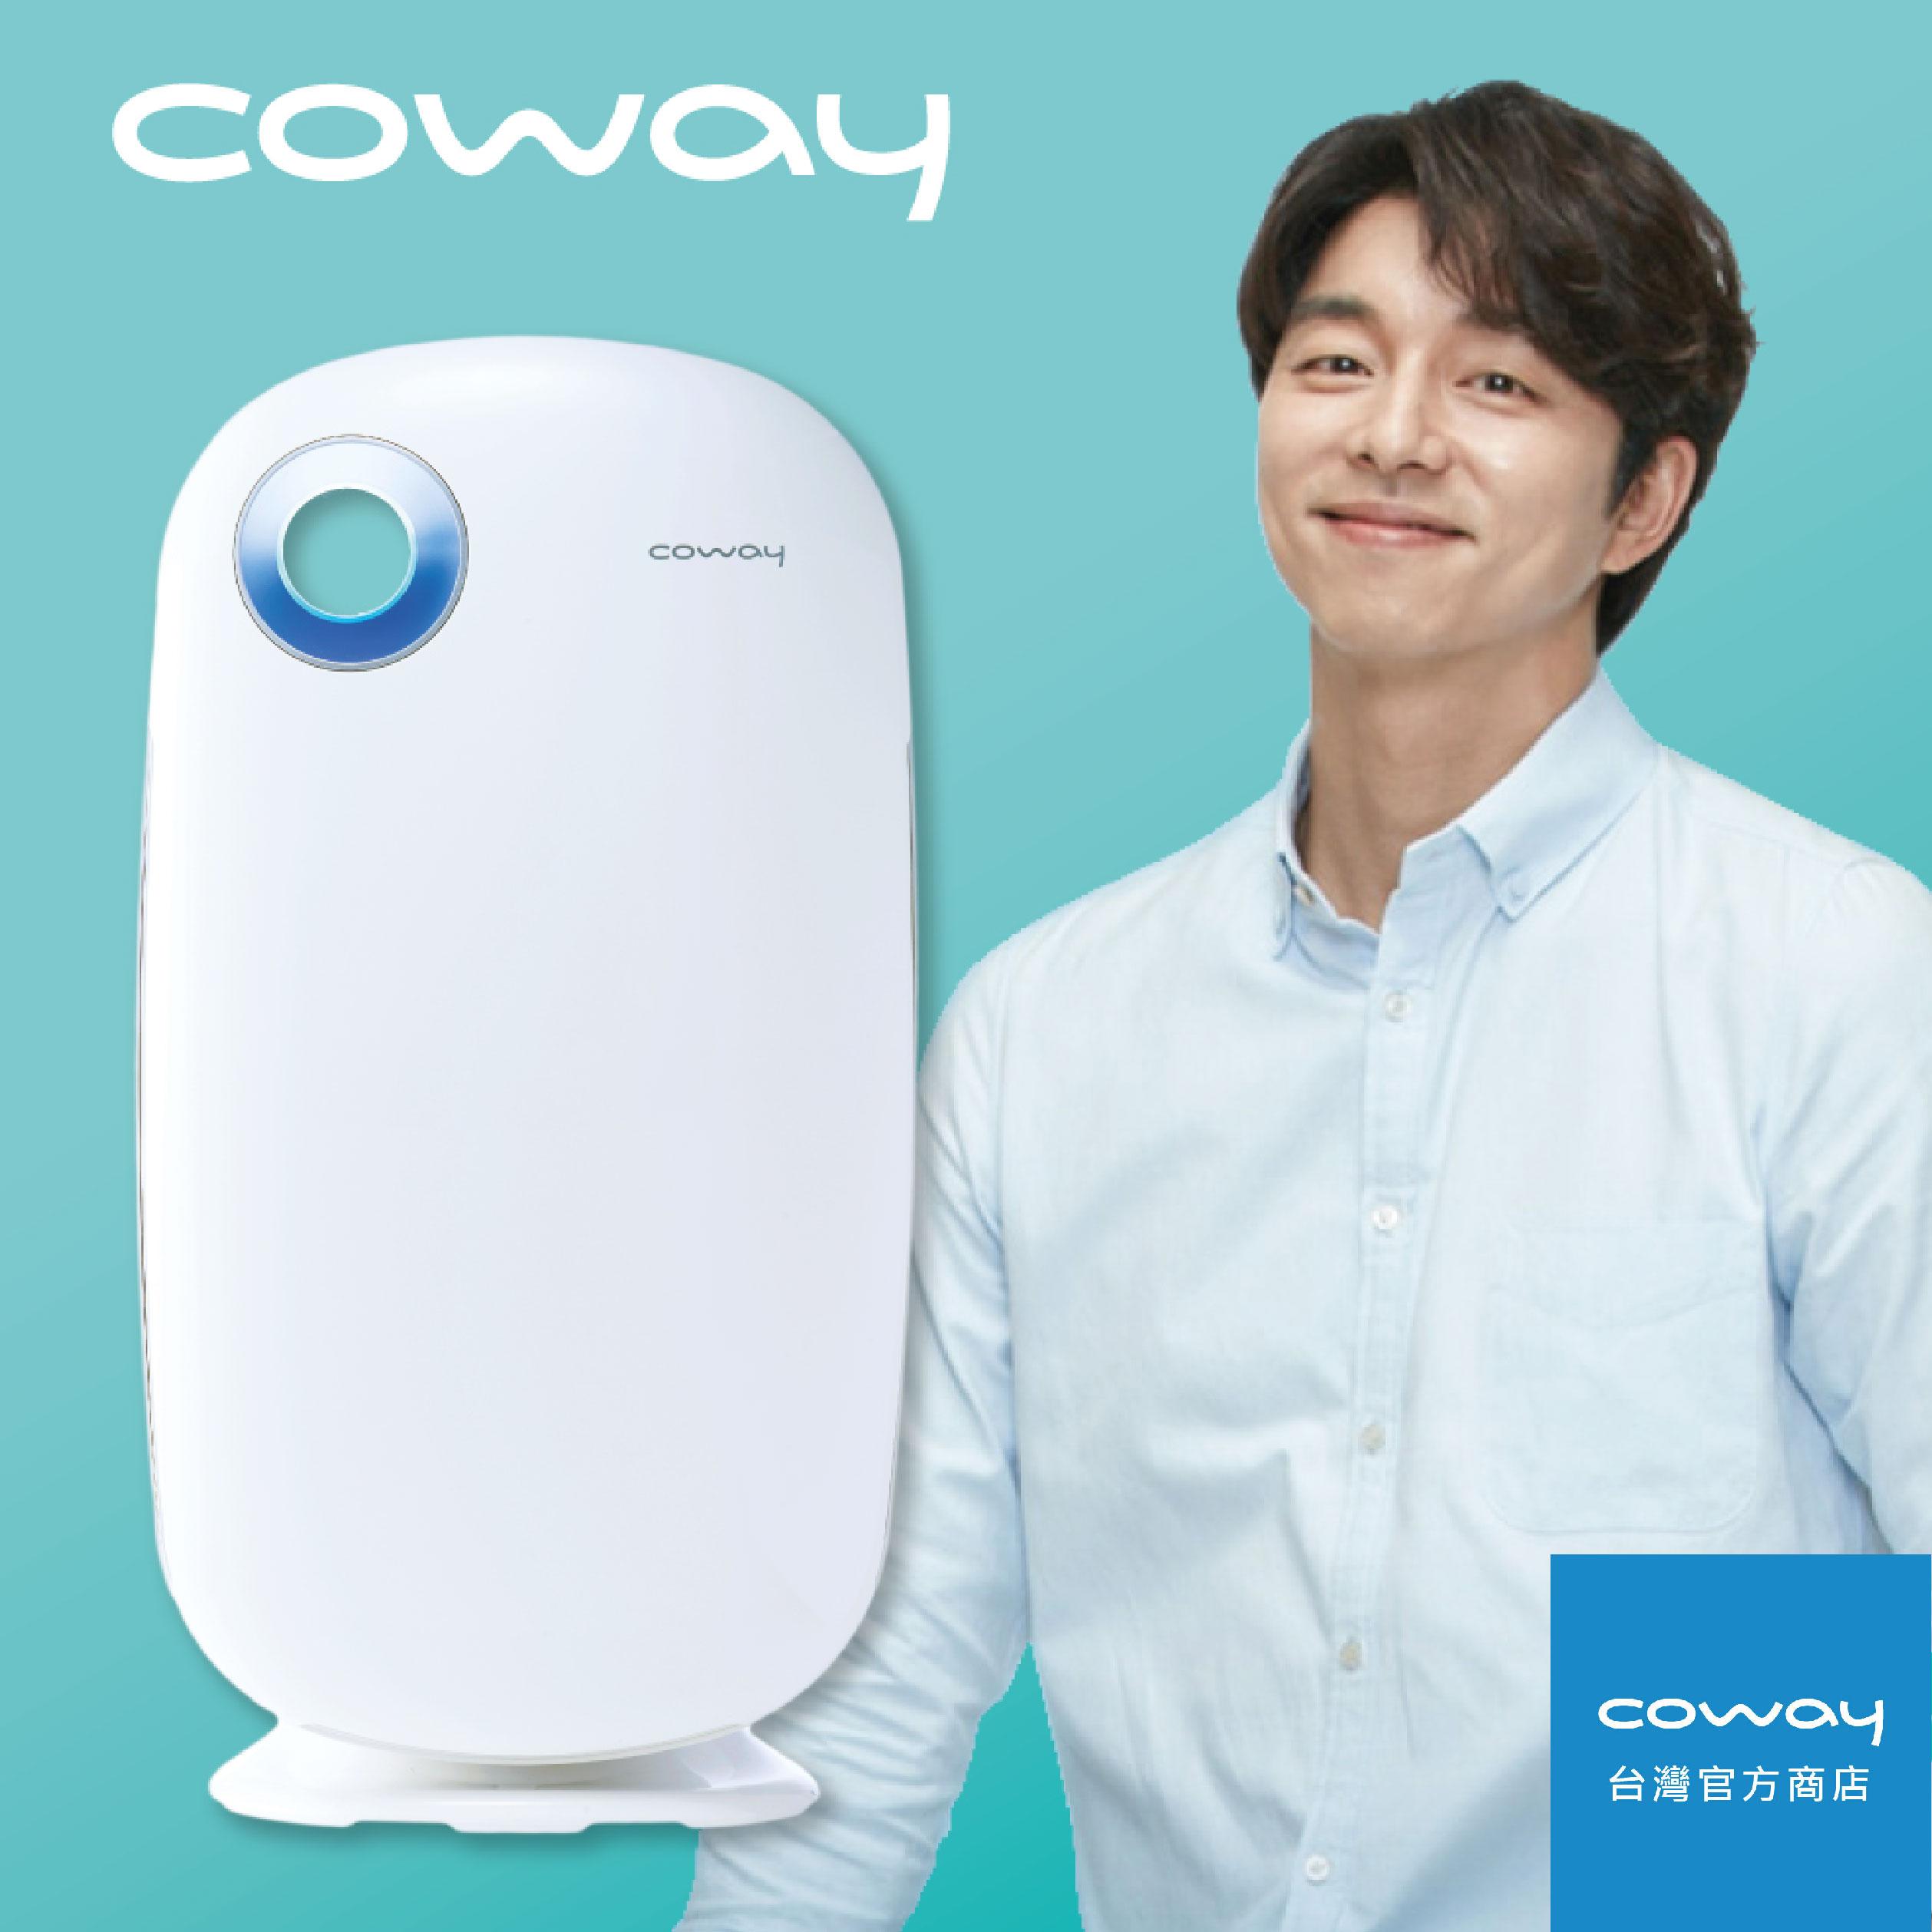 Coway 加護抗敏型空氣清淨機AP-1009CH + 濾網三年份(活性碳除臭濾網3片+Green Hepa濾網1片) 優惠組 2